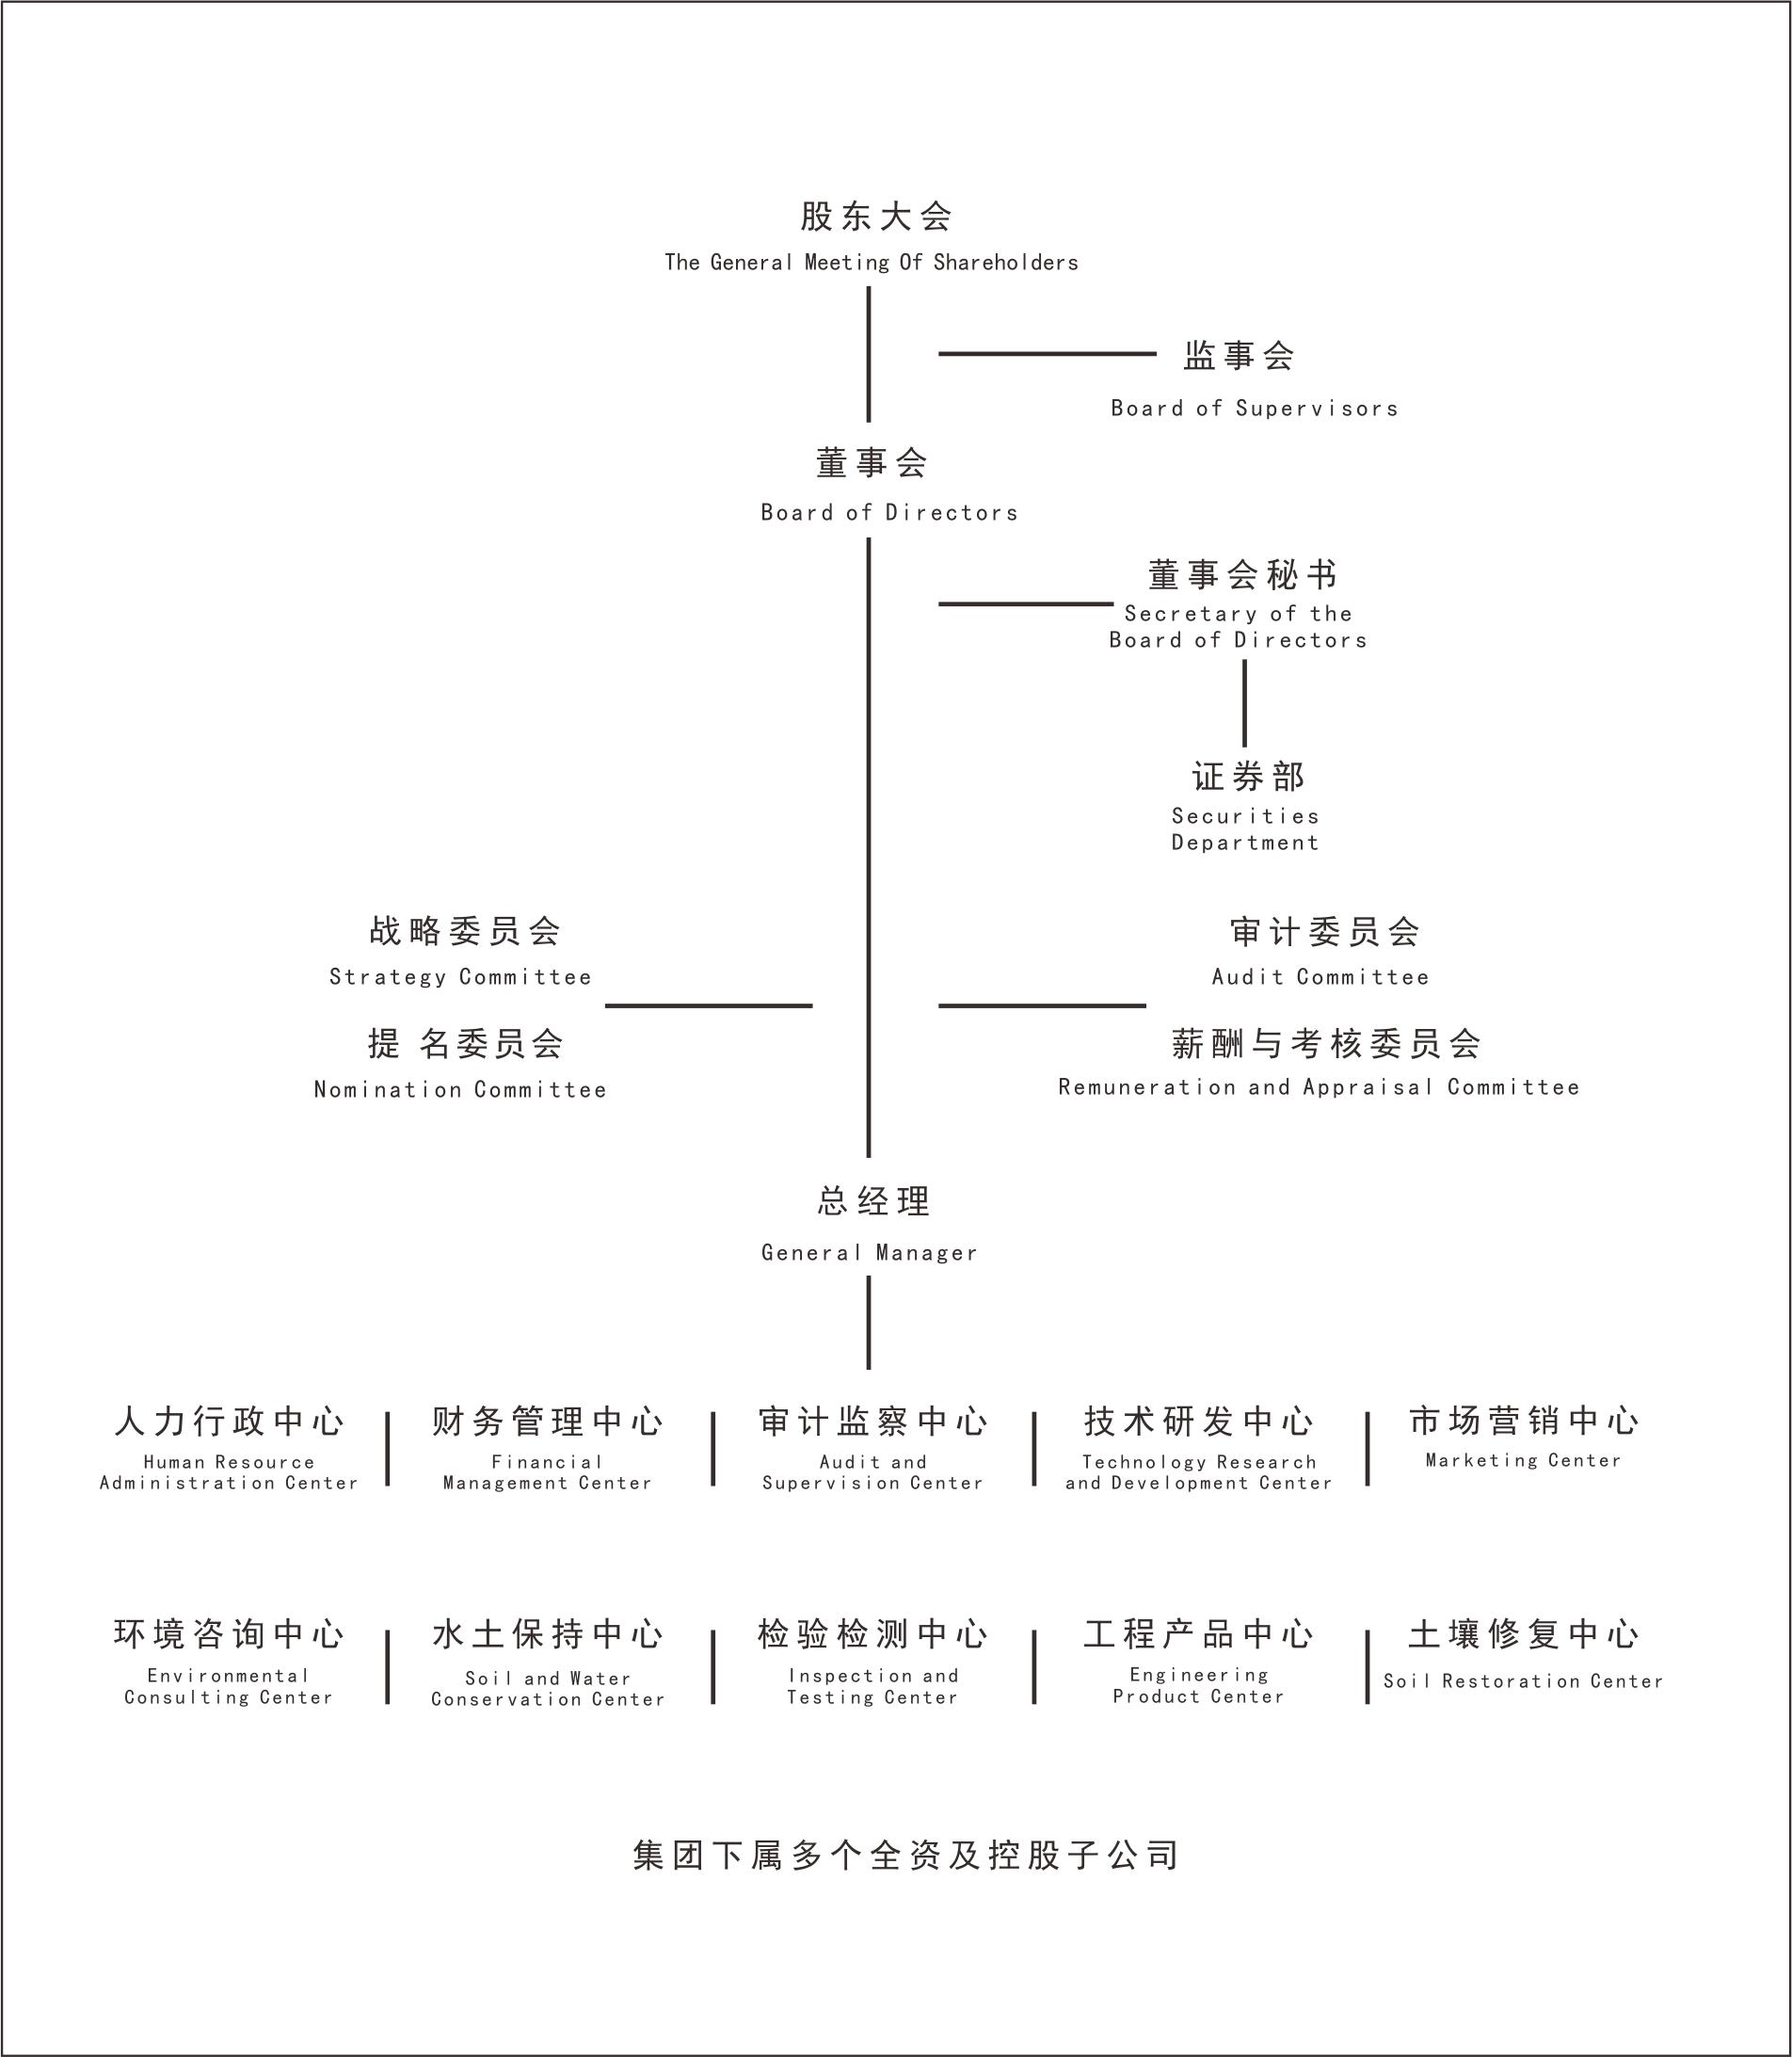 备份龙8国际官网首页画册未转曲(1)20190701.png